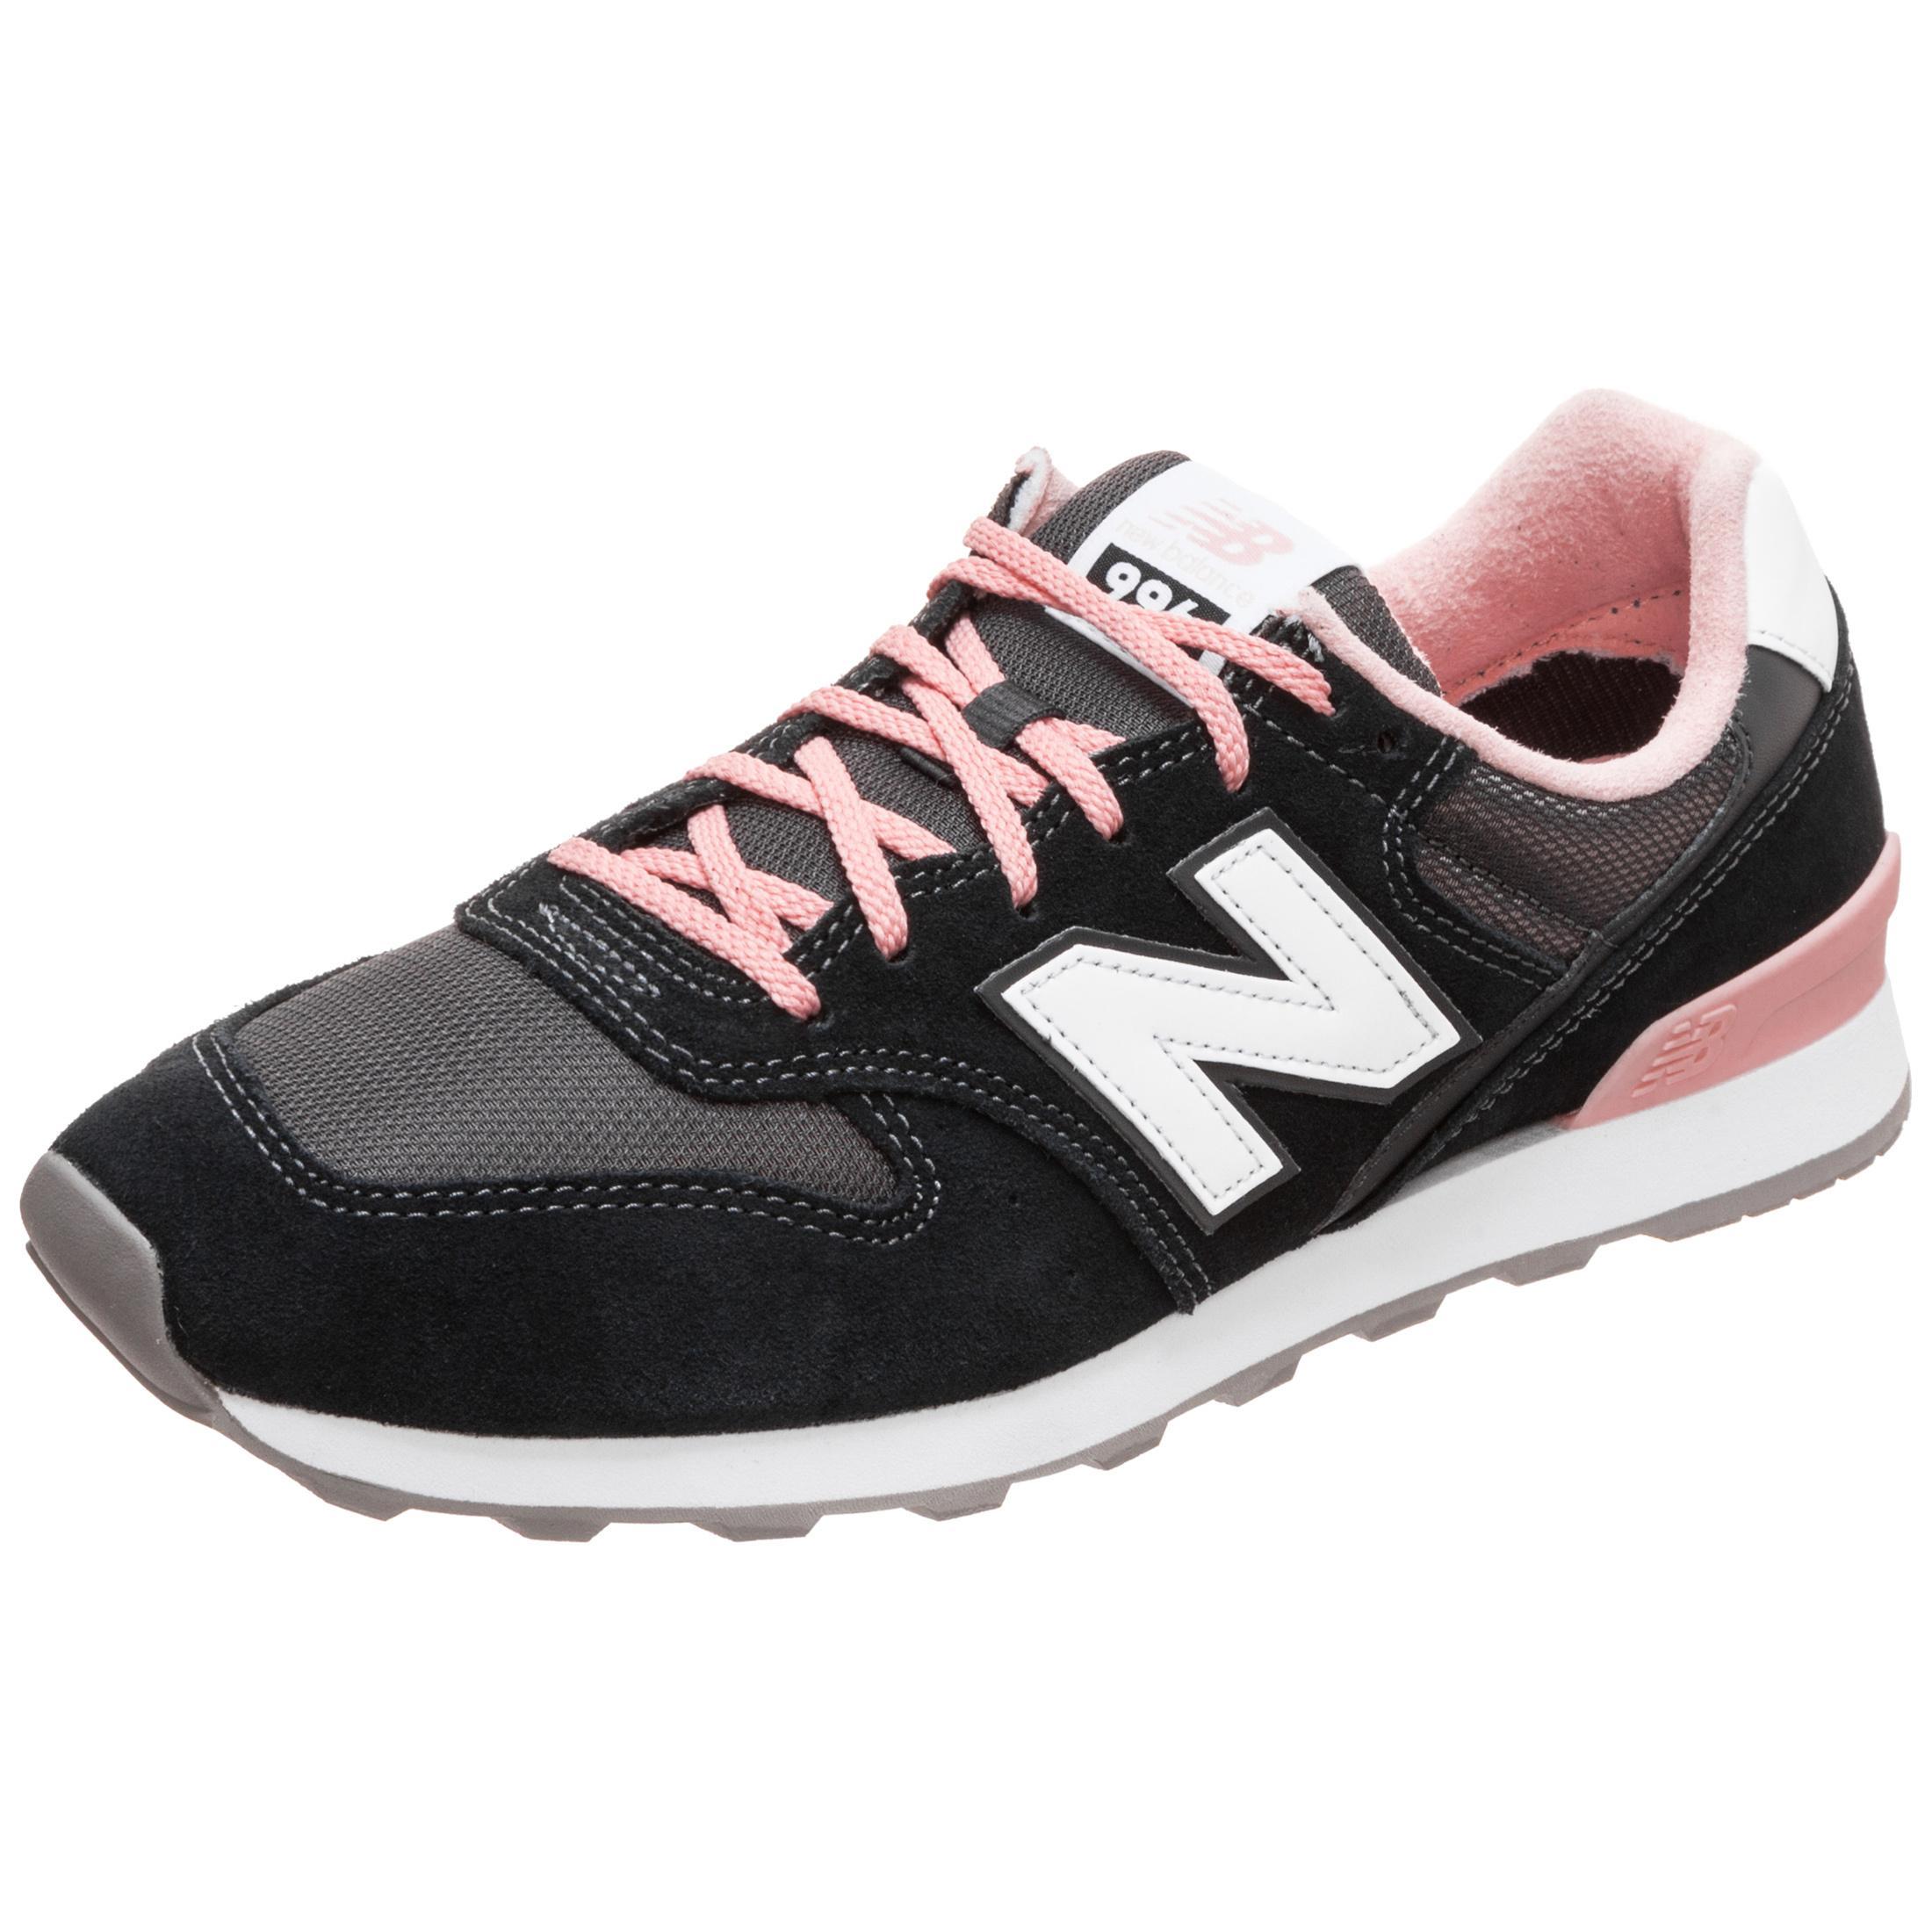 NEW BALANCE WR996-ACK-D Sneaker Damen schwarz / pink im Online Shop von  SportScheck kaufen